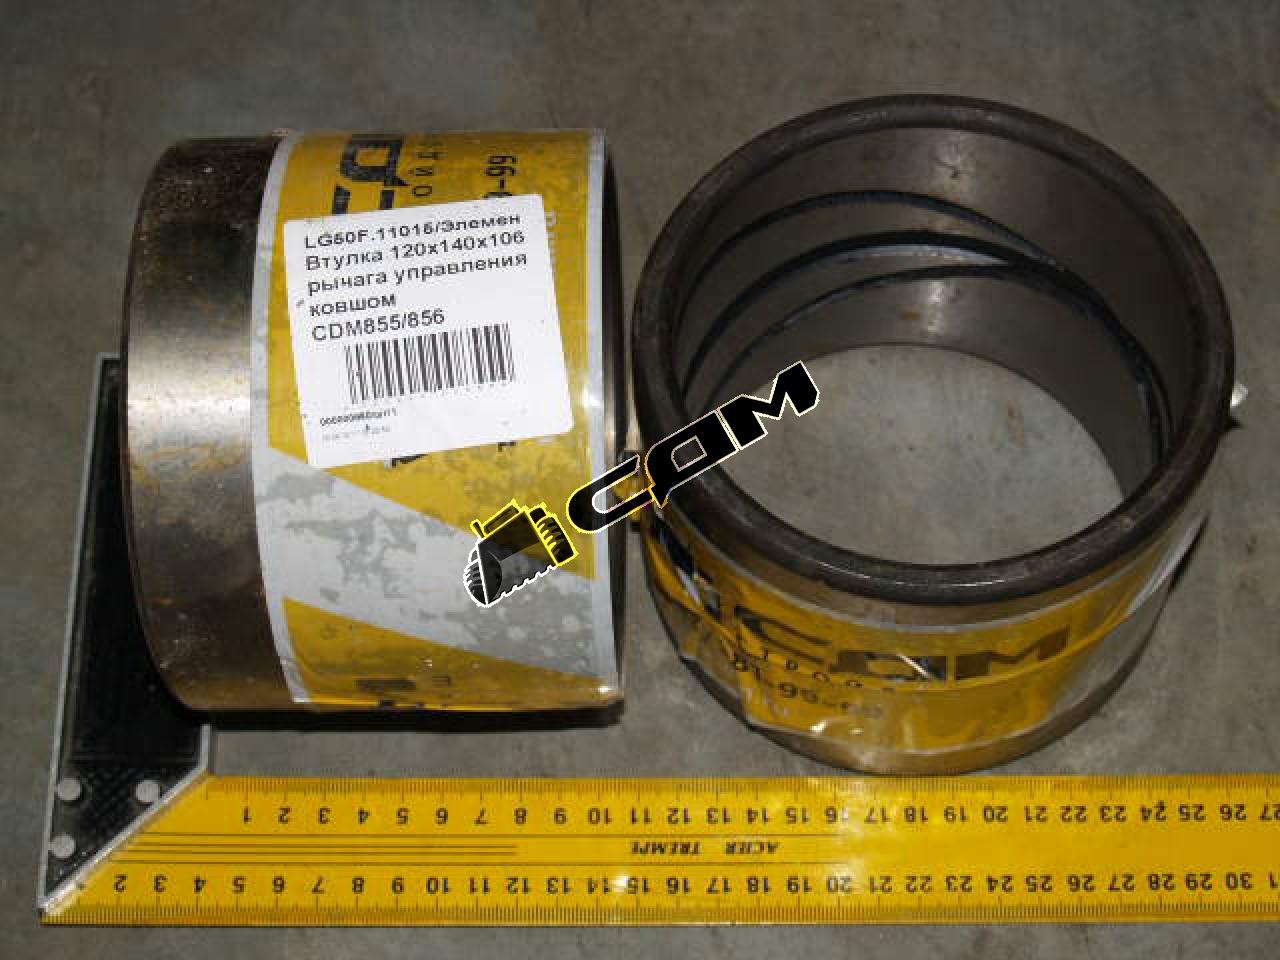 Втулка рычага управления ковшом 120x140x106 CDM855/856  LG50F.11015